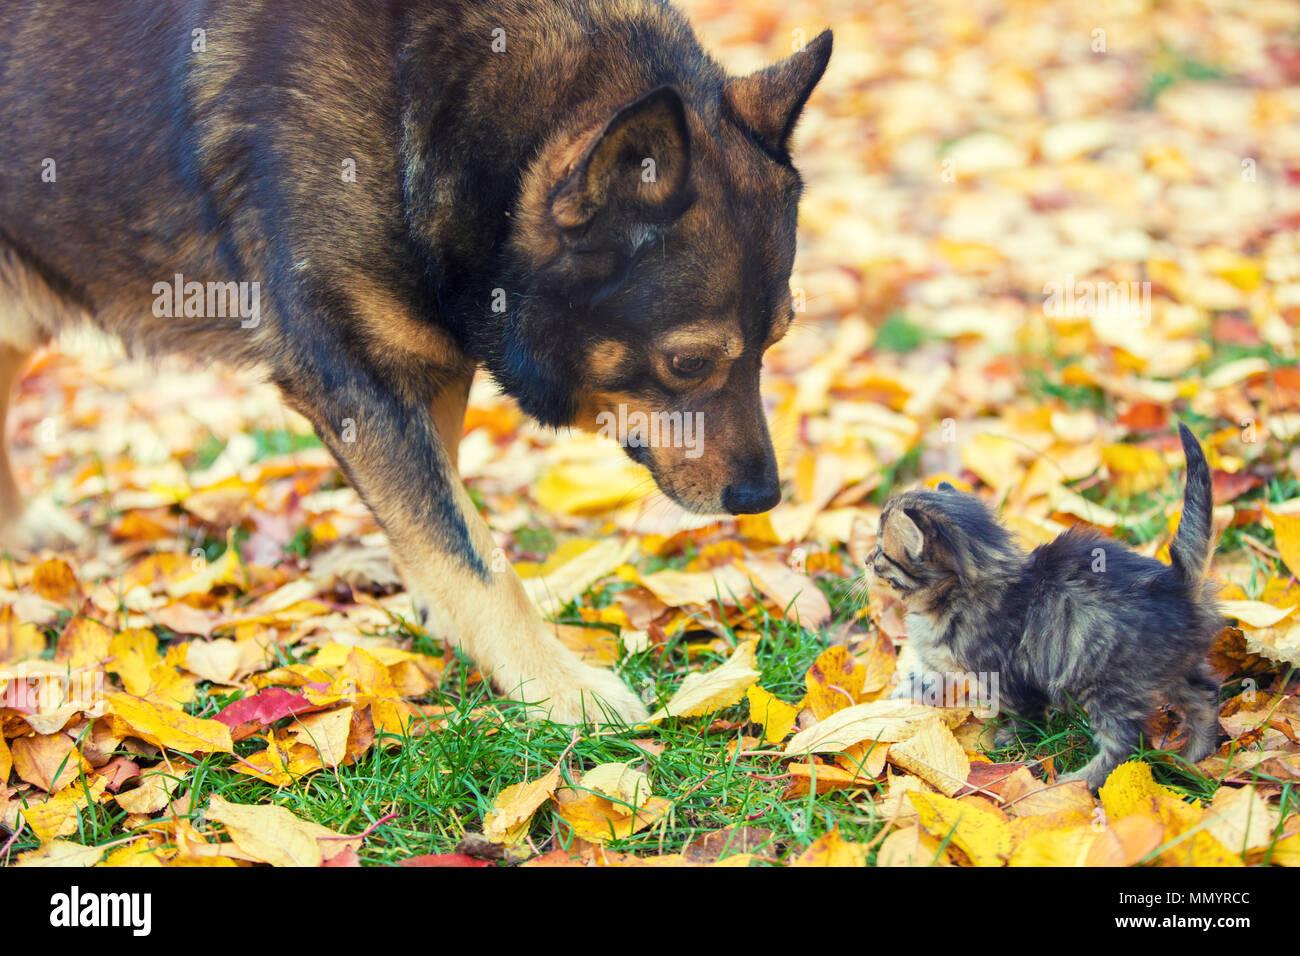 Un perro grande y un pequeño gatito son los mejores amigos jugando juntos al aire libre. En el otoño, ellos huelen mutuamente sobre el césped Foto de stock